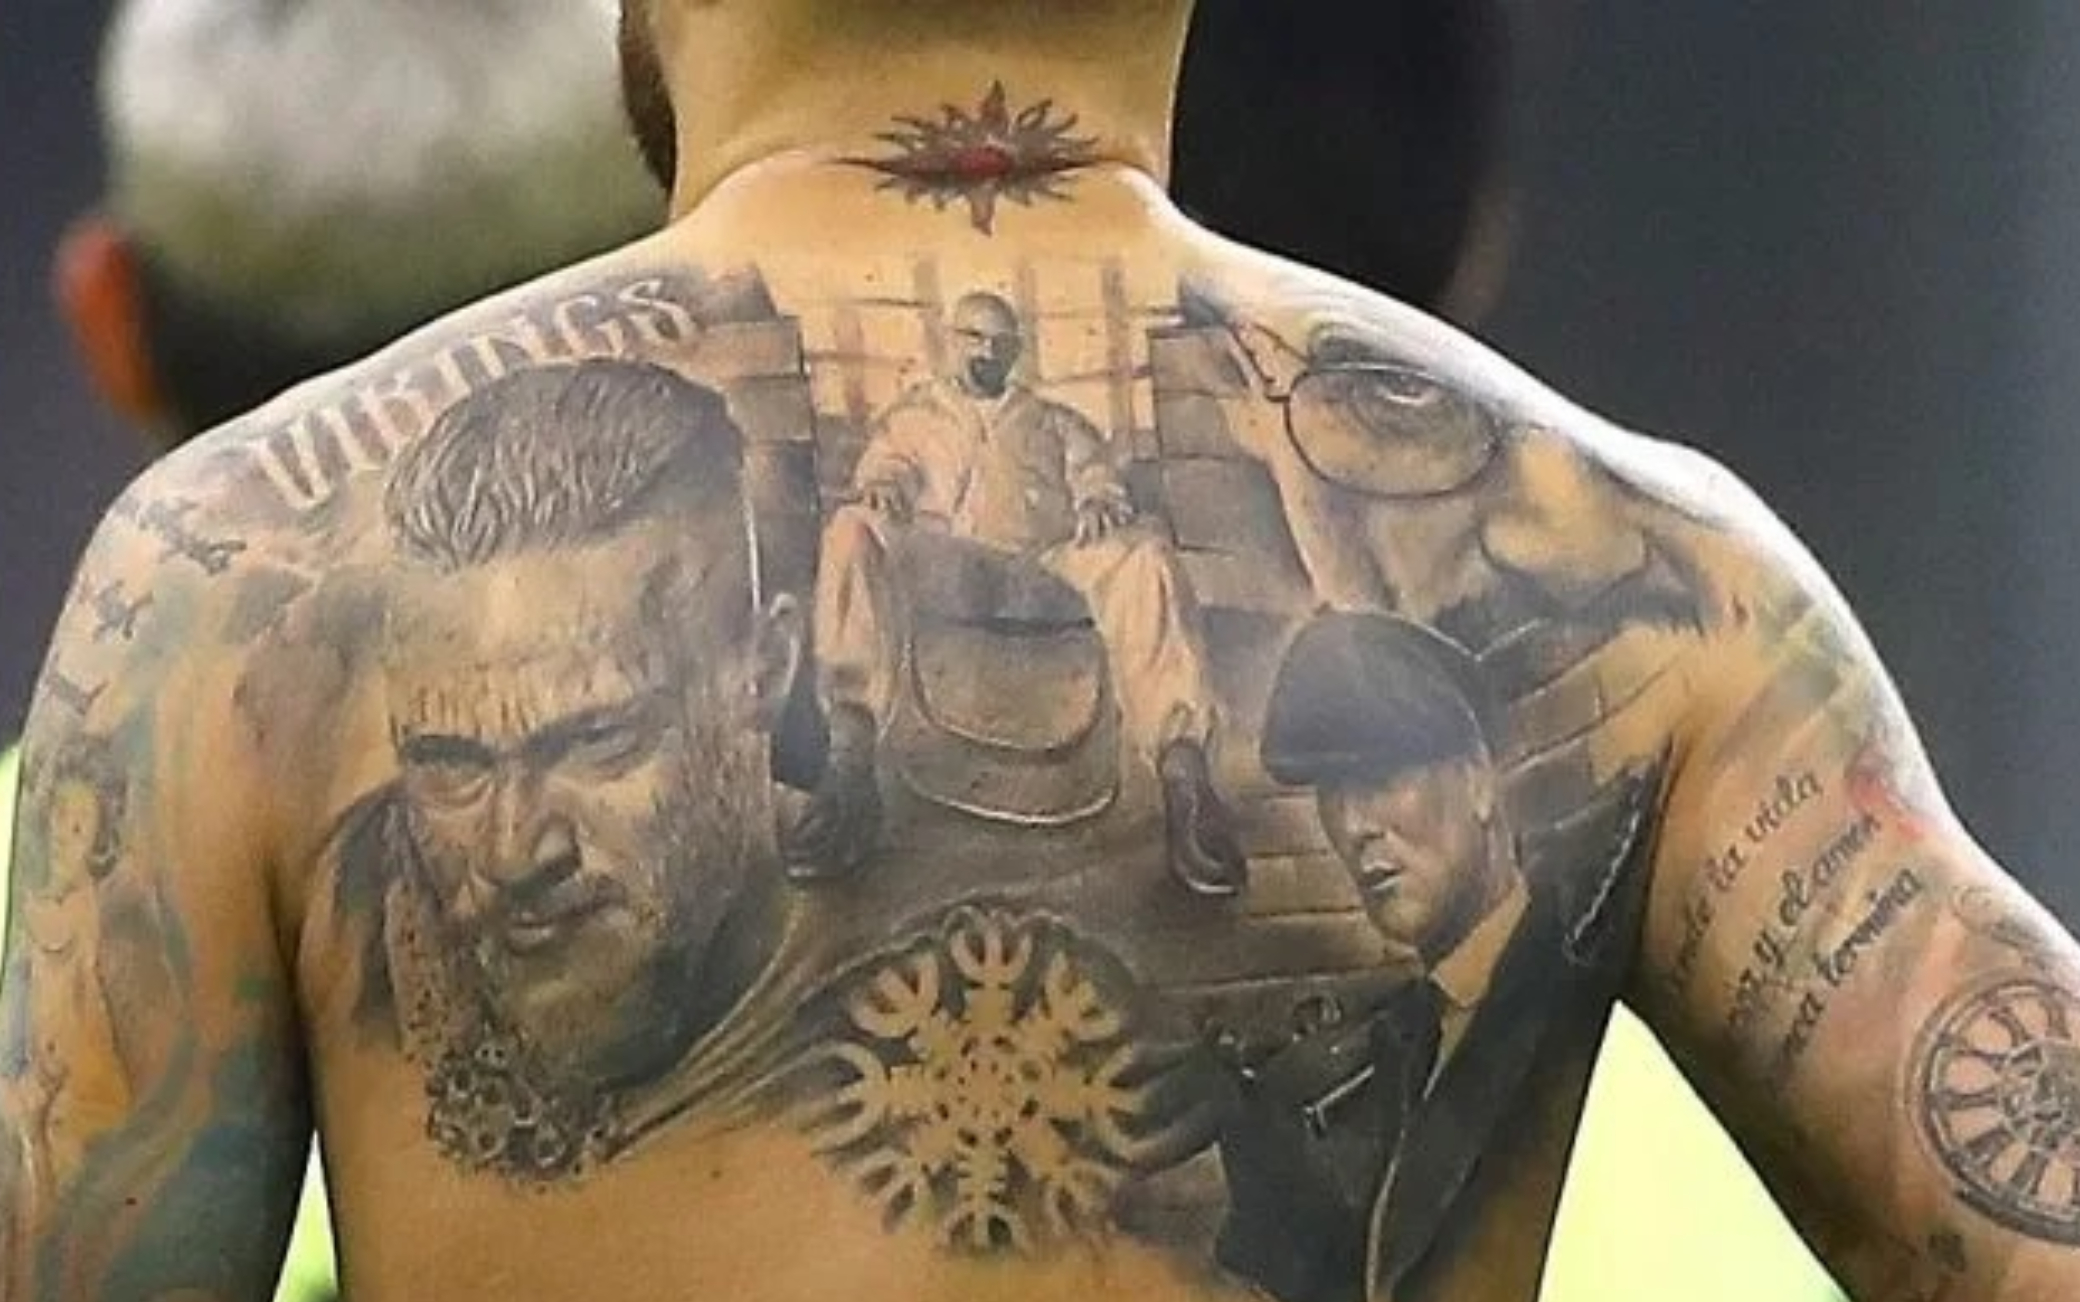 I tatuaggi di Otamendi